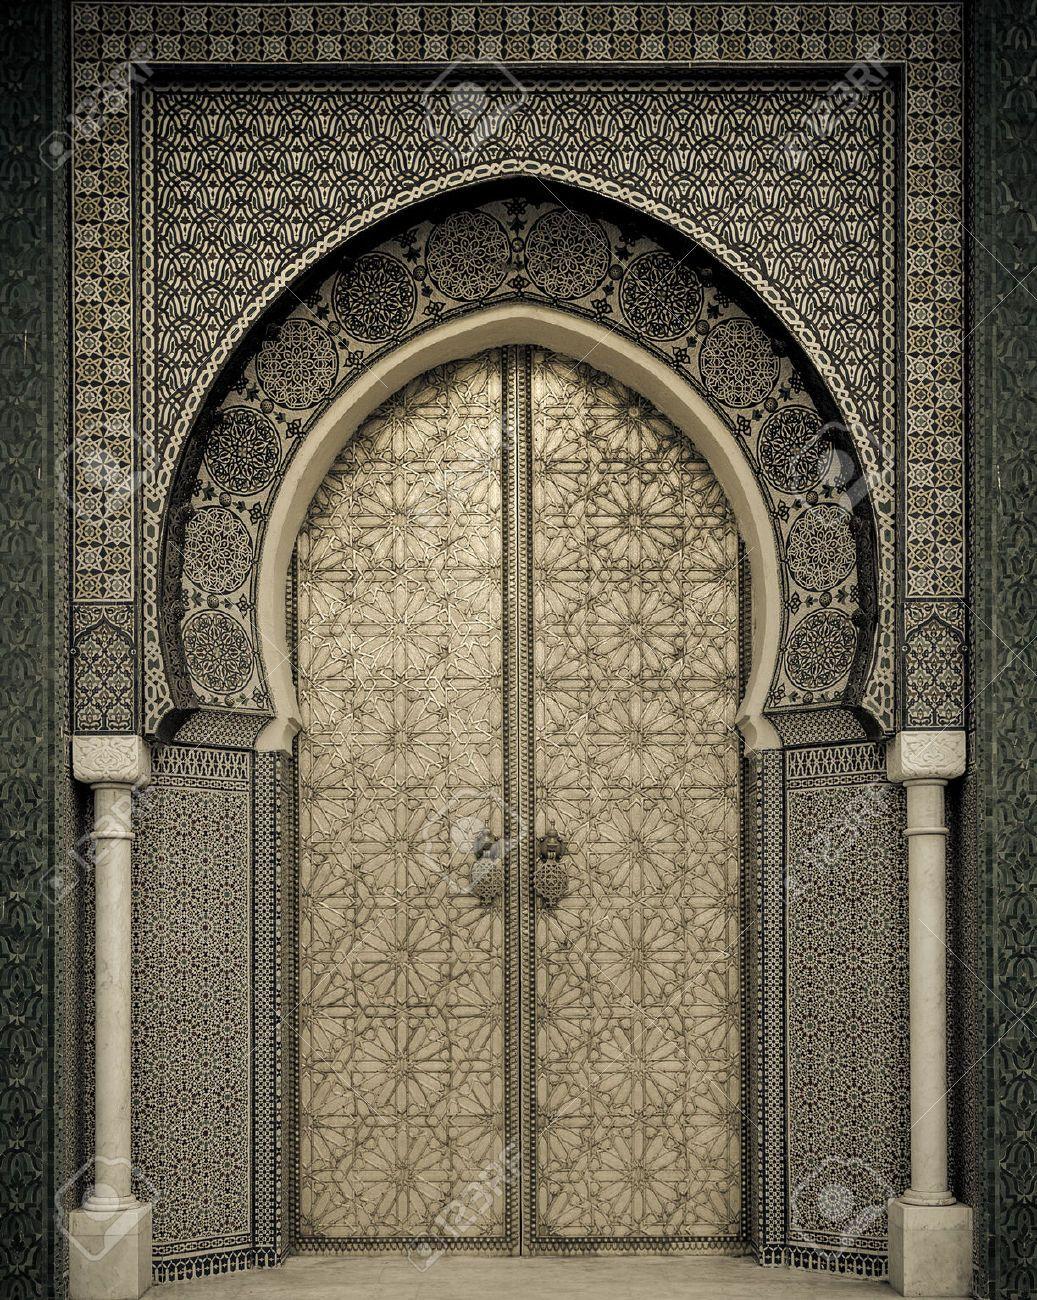 22639786-Ancient-doors-Morocco-Stock-Photo-islamic-morocco- & 22639786-Ancient-doors-Morocco-Stock-Photo-islamic-morocco-door ...